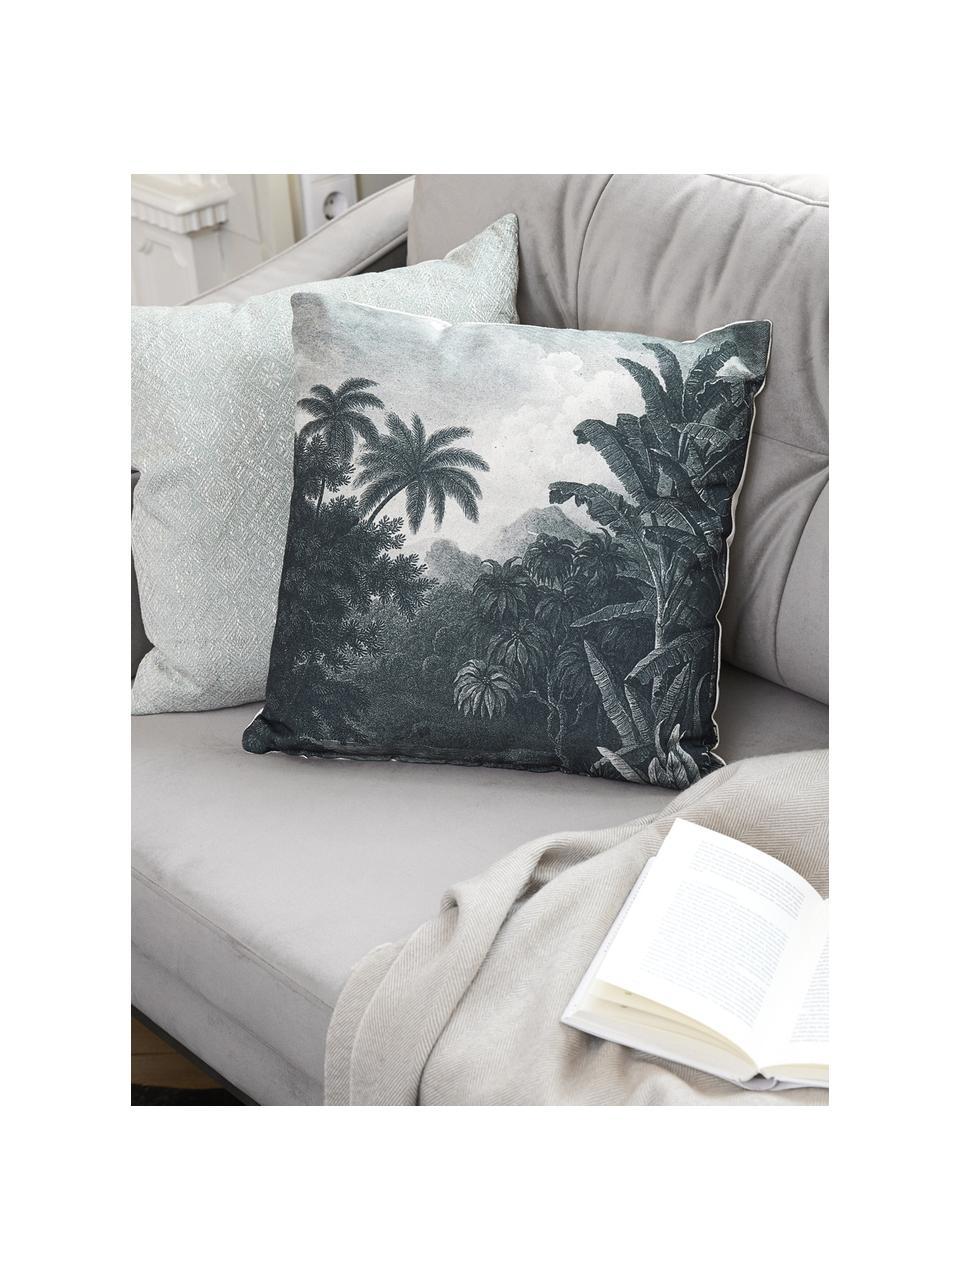 Sofa z aksamitu z drewnianymi nogami Alva (2-osobowa), Tapicerka: aksamit (wysokiej jakości, Nogi: lite drewno bukowe, barwi, Aksamitny szary, S 184 x G 92 cm